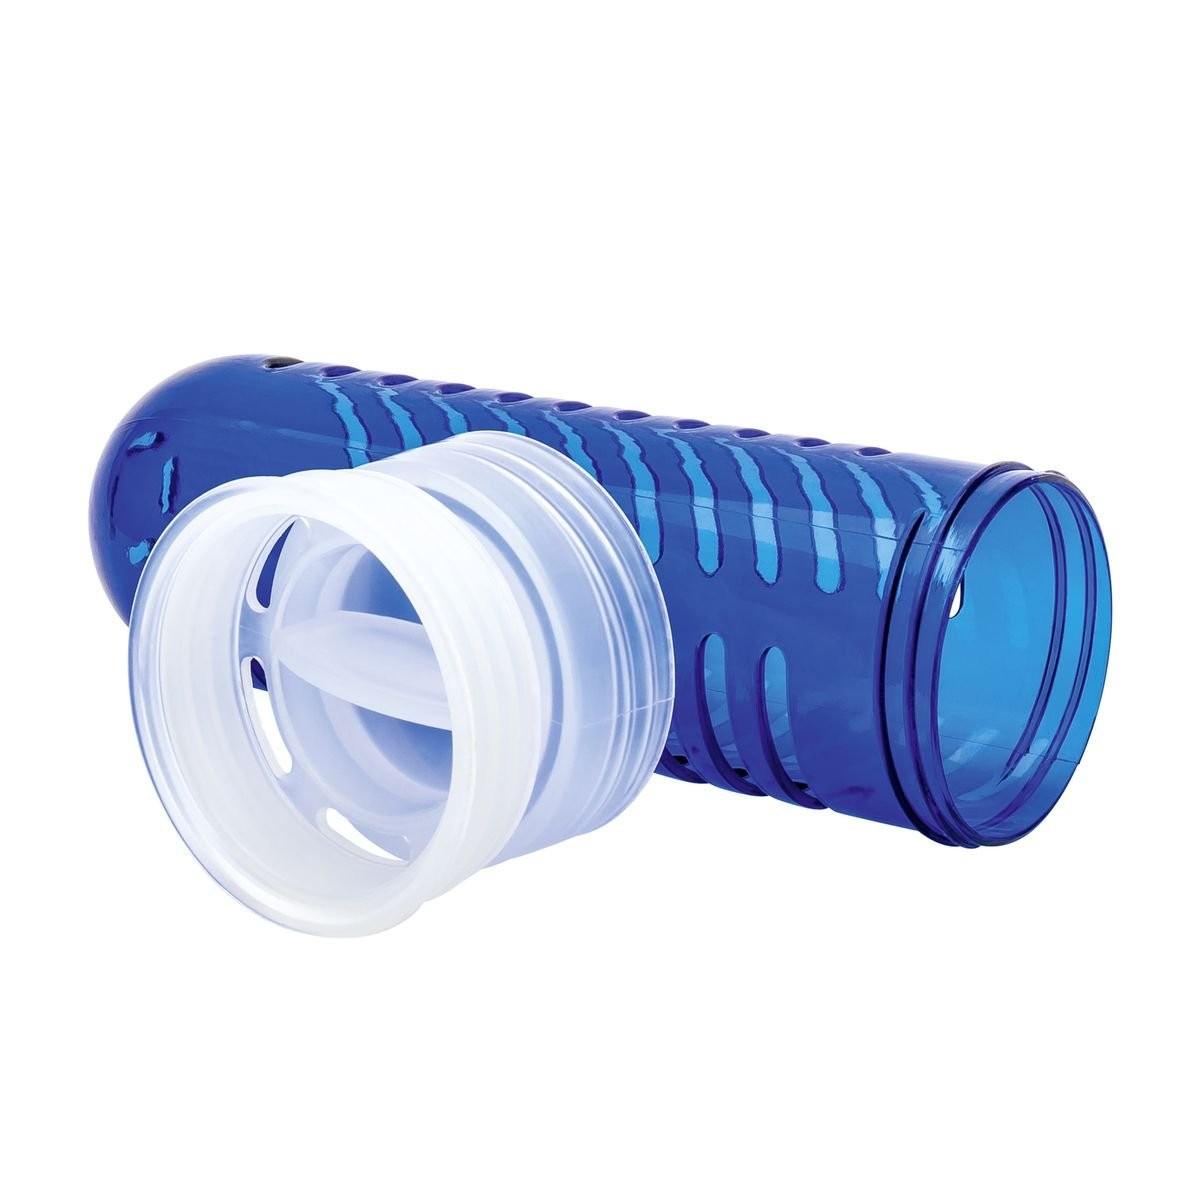 Trinkflasche mit Fruchtbehälter REFLECTS-JOLIETTA